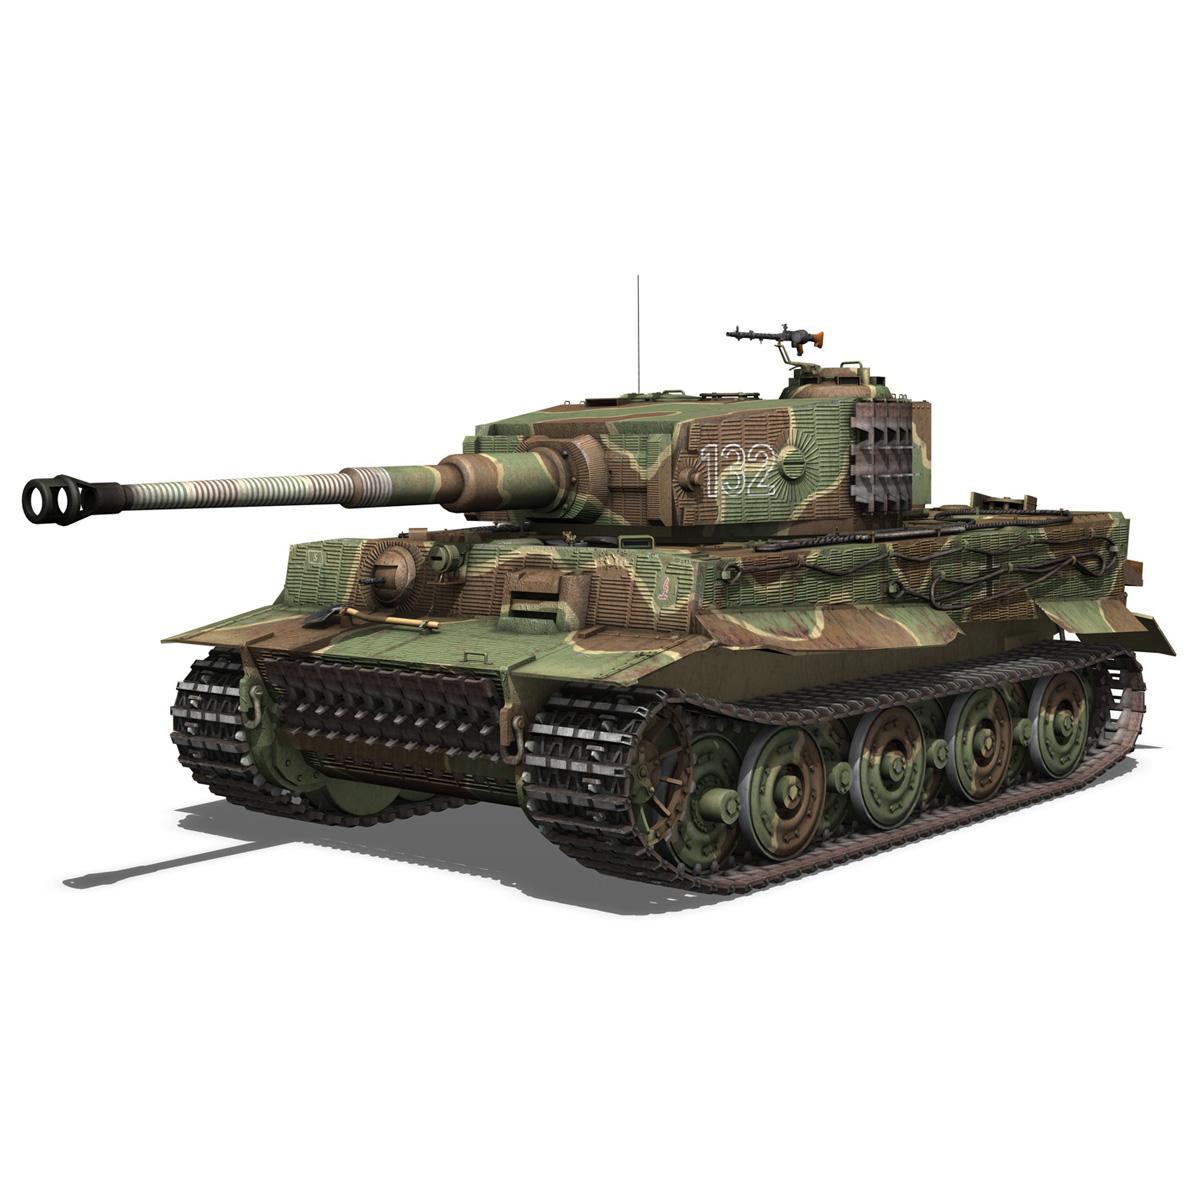 panzer vi – tiger – 132 – late production 3d model 3ds fbx c4d lwo obj 292966